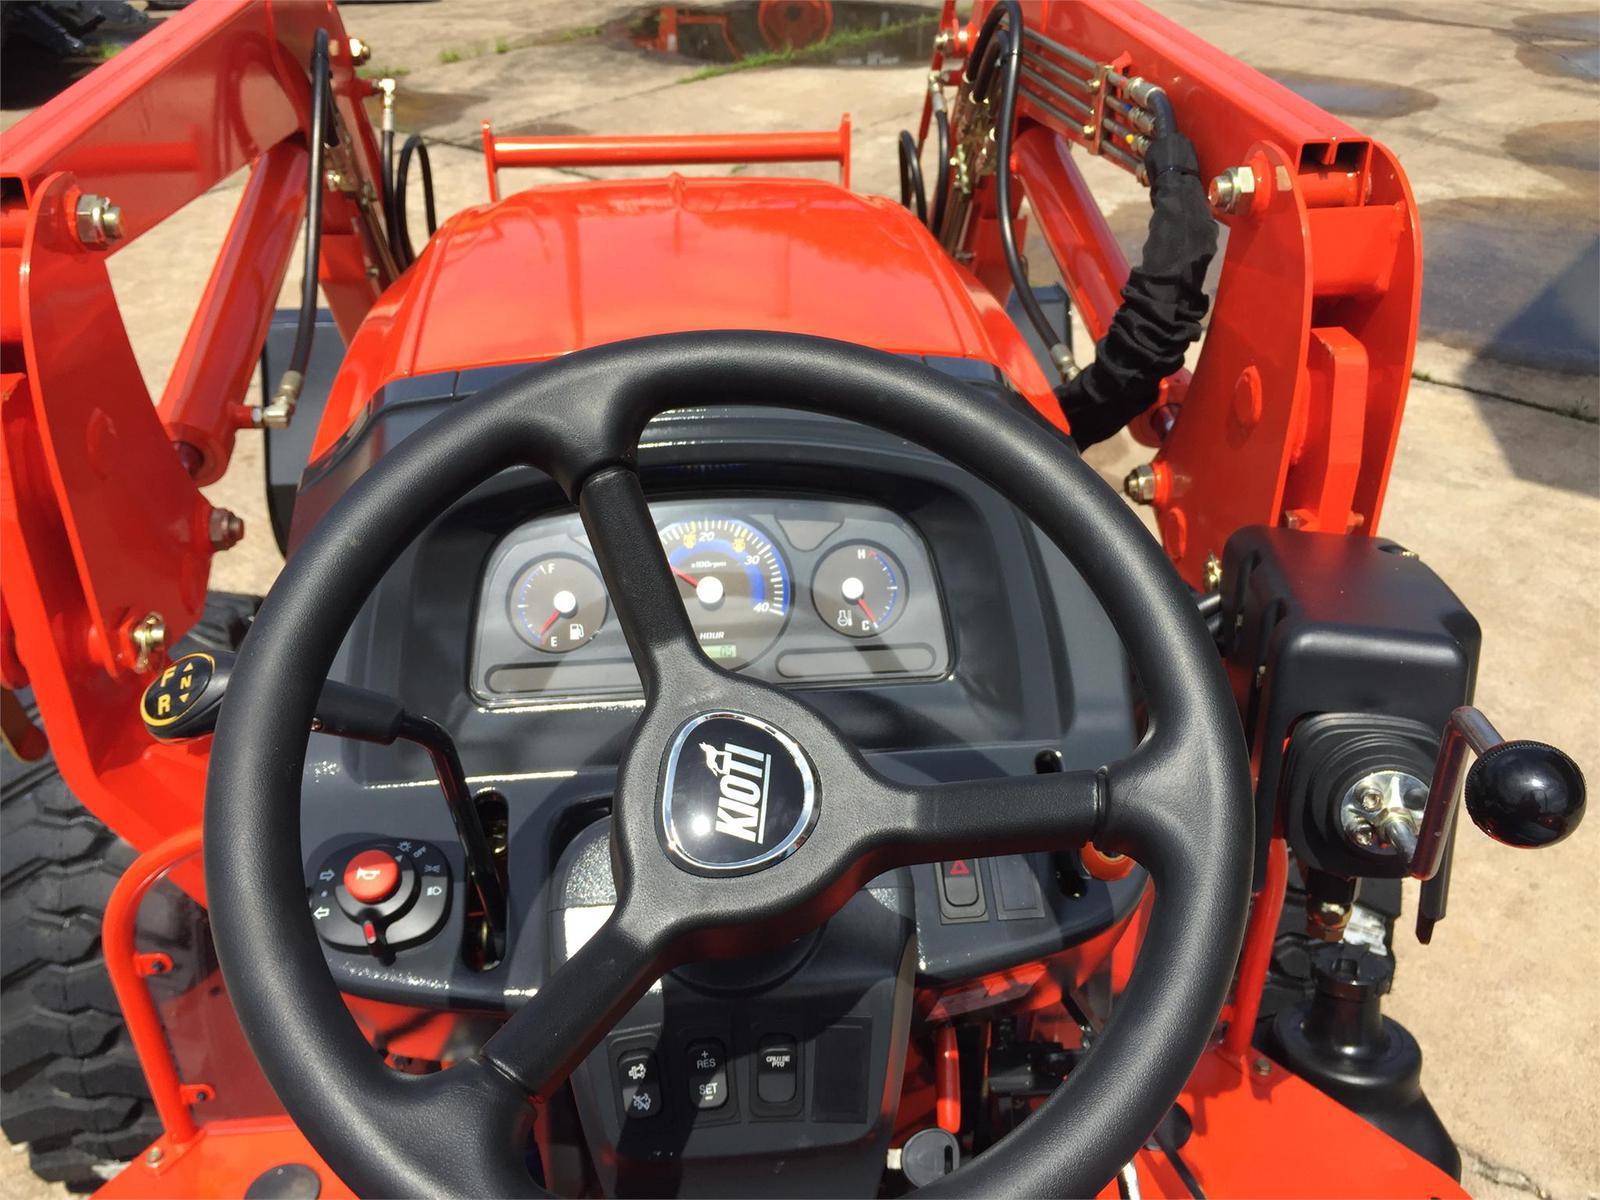 Kioti Kioti Package Deal #2 - DK4510 Tractor w/ Loader & 72